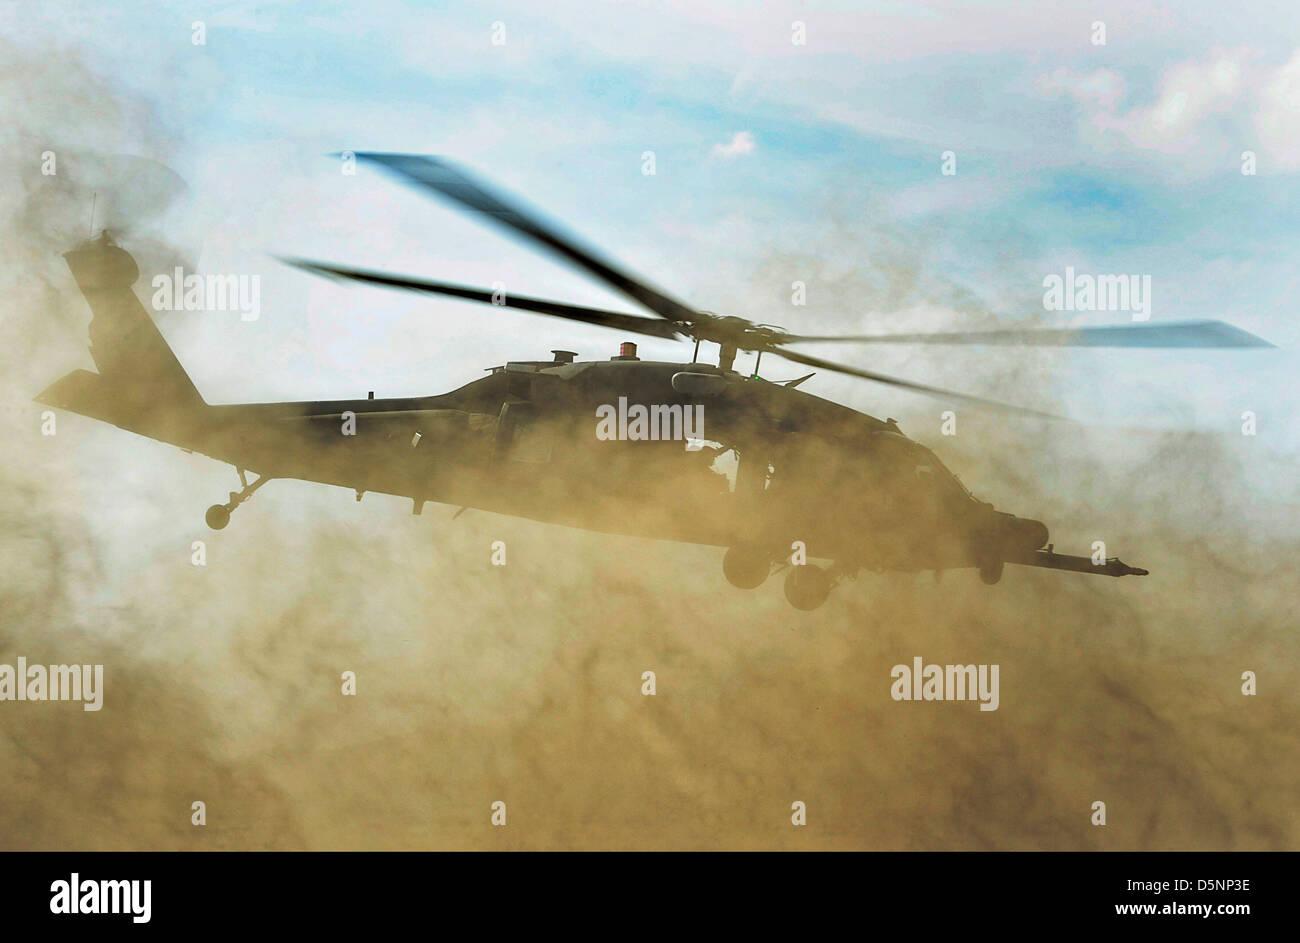 Ein Uns Air Force HH 60G Pave Hawk Hubschrauber Kommt Für Eine Schnelle  Landung,